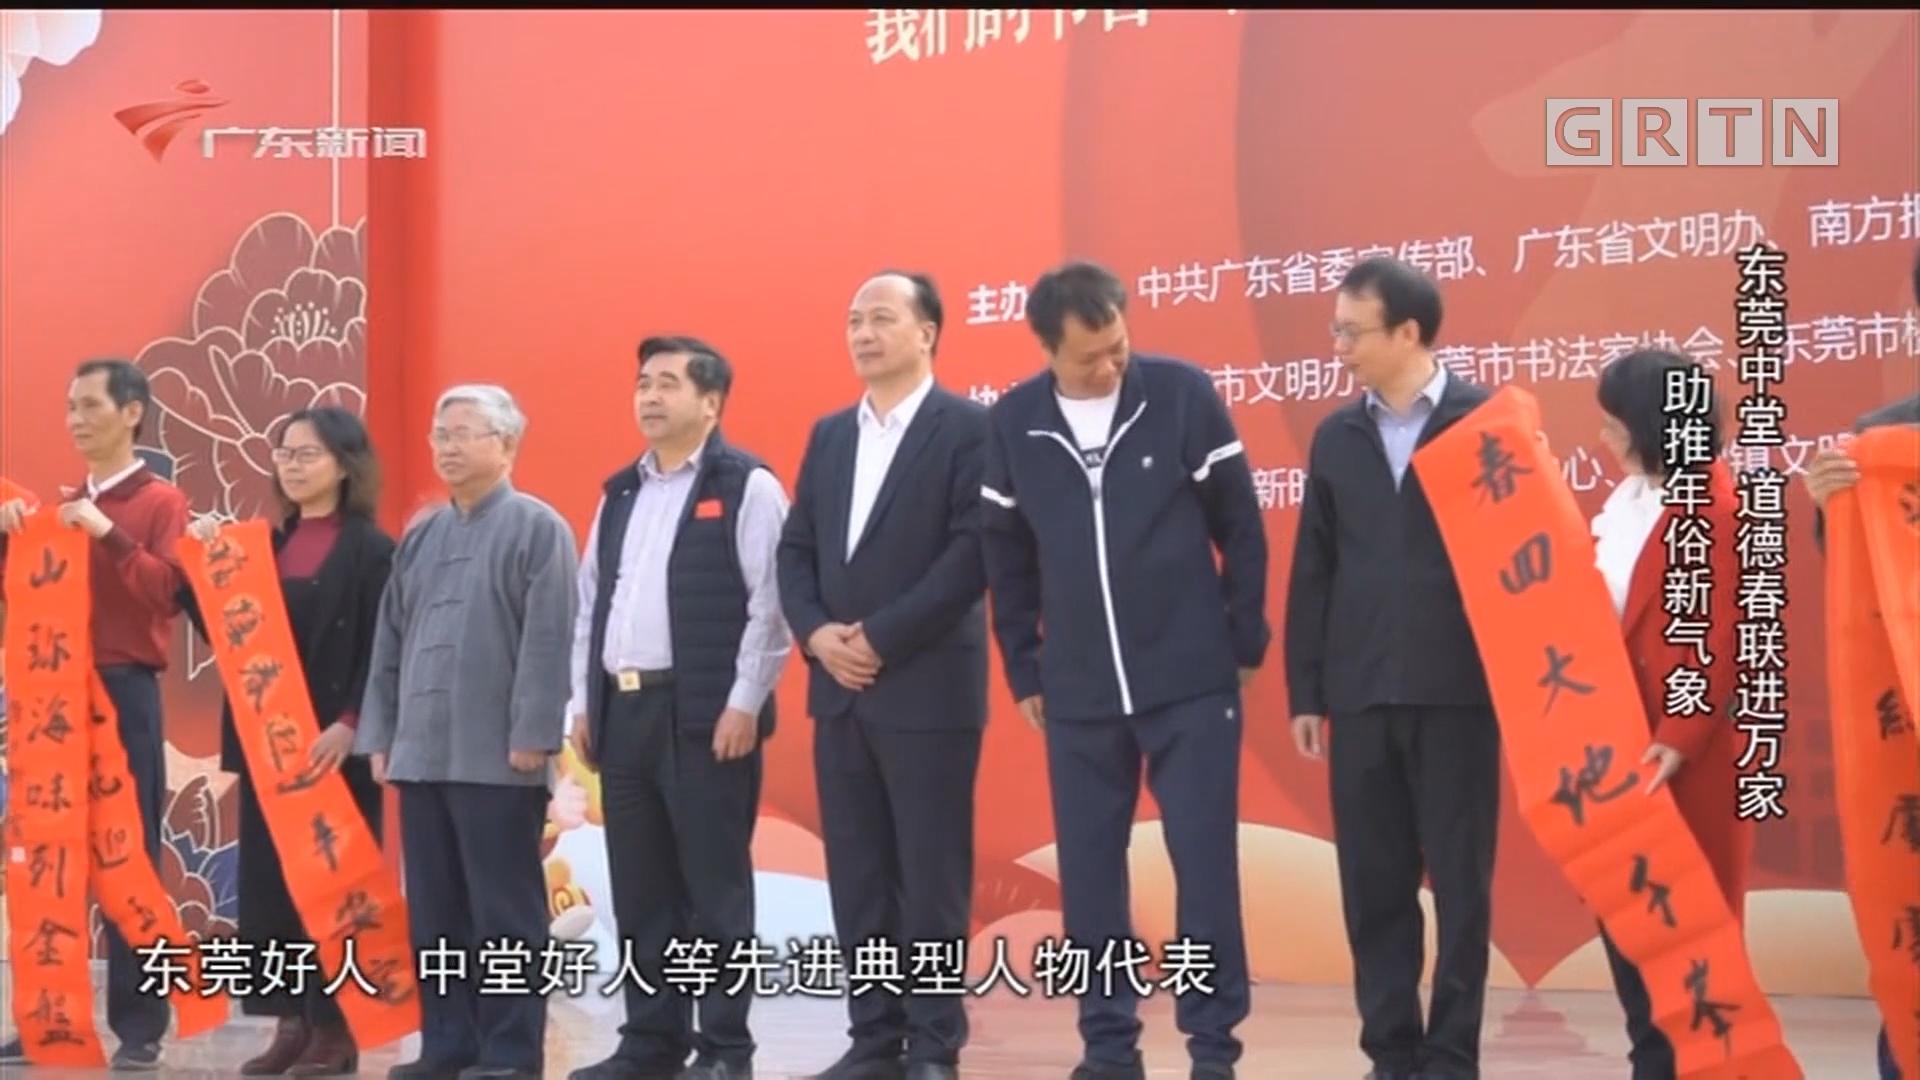 [HD][2020-01-11]文明观察:东莞中堂 道德春联进万家 助推年俗新气象